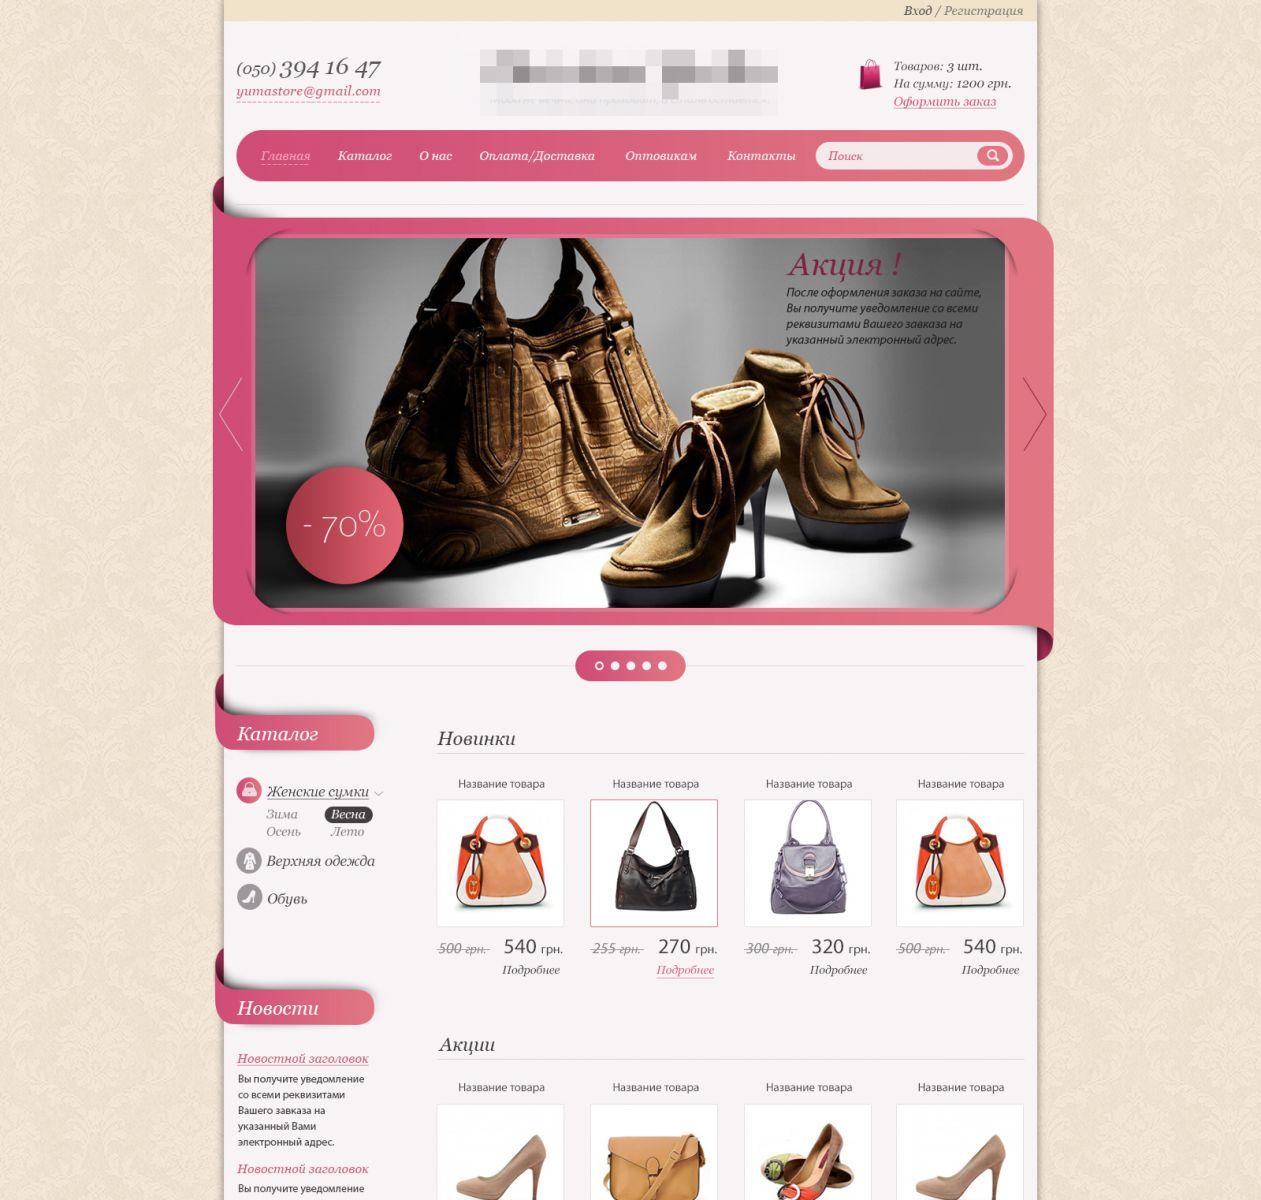 8539fed0321e5 Создание интернет магазина женской одежды и аксессуаров